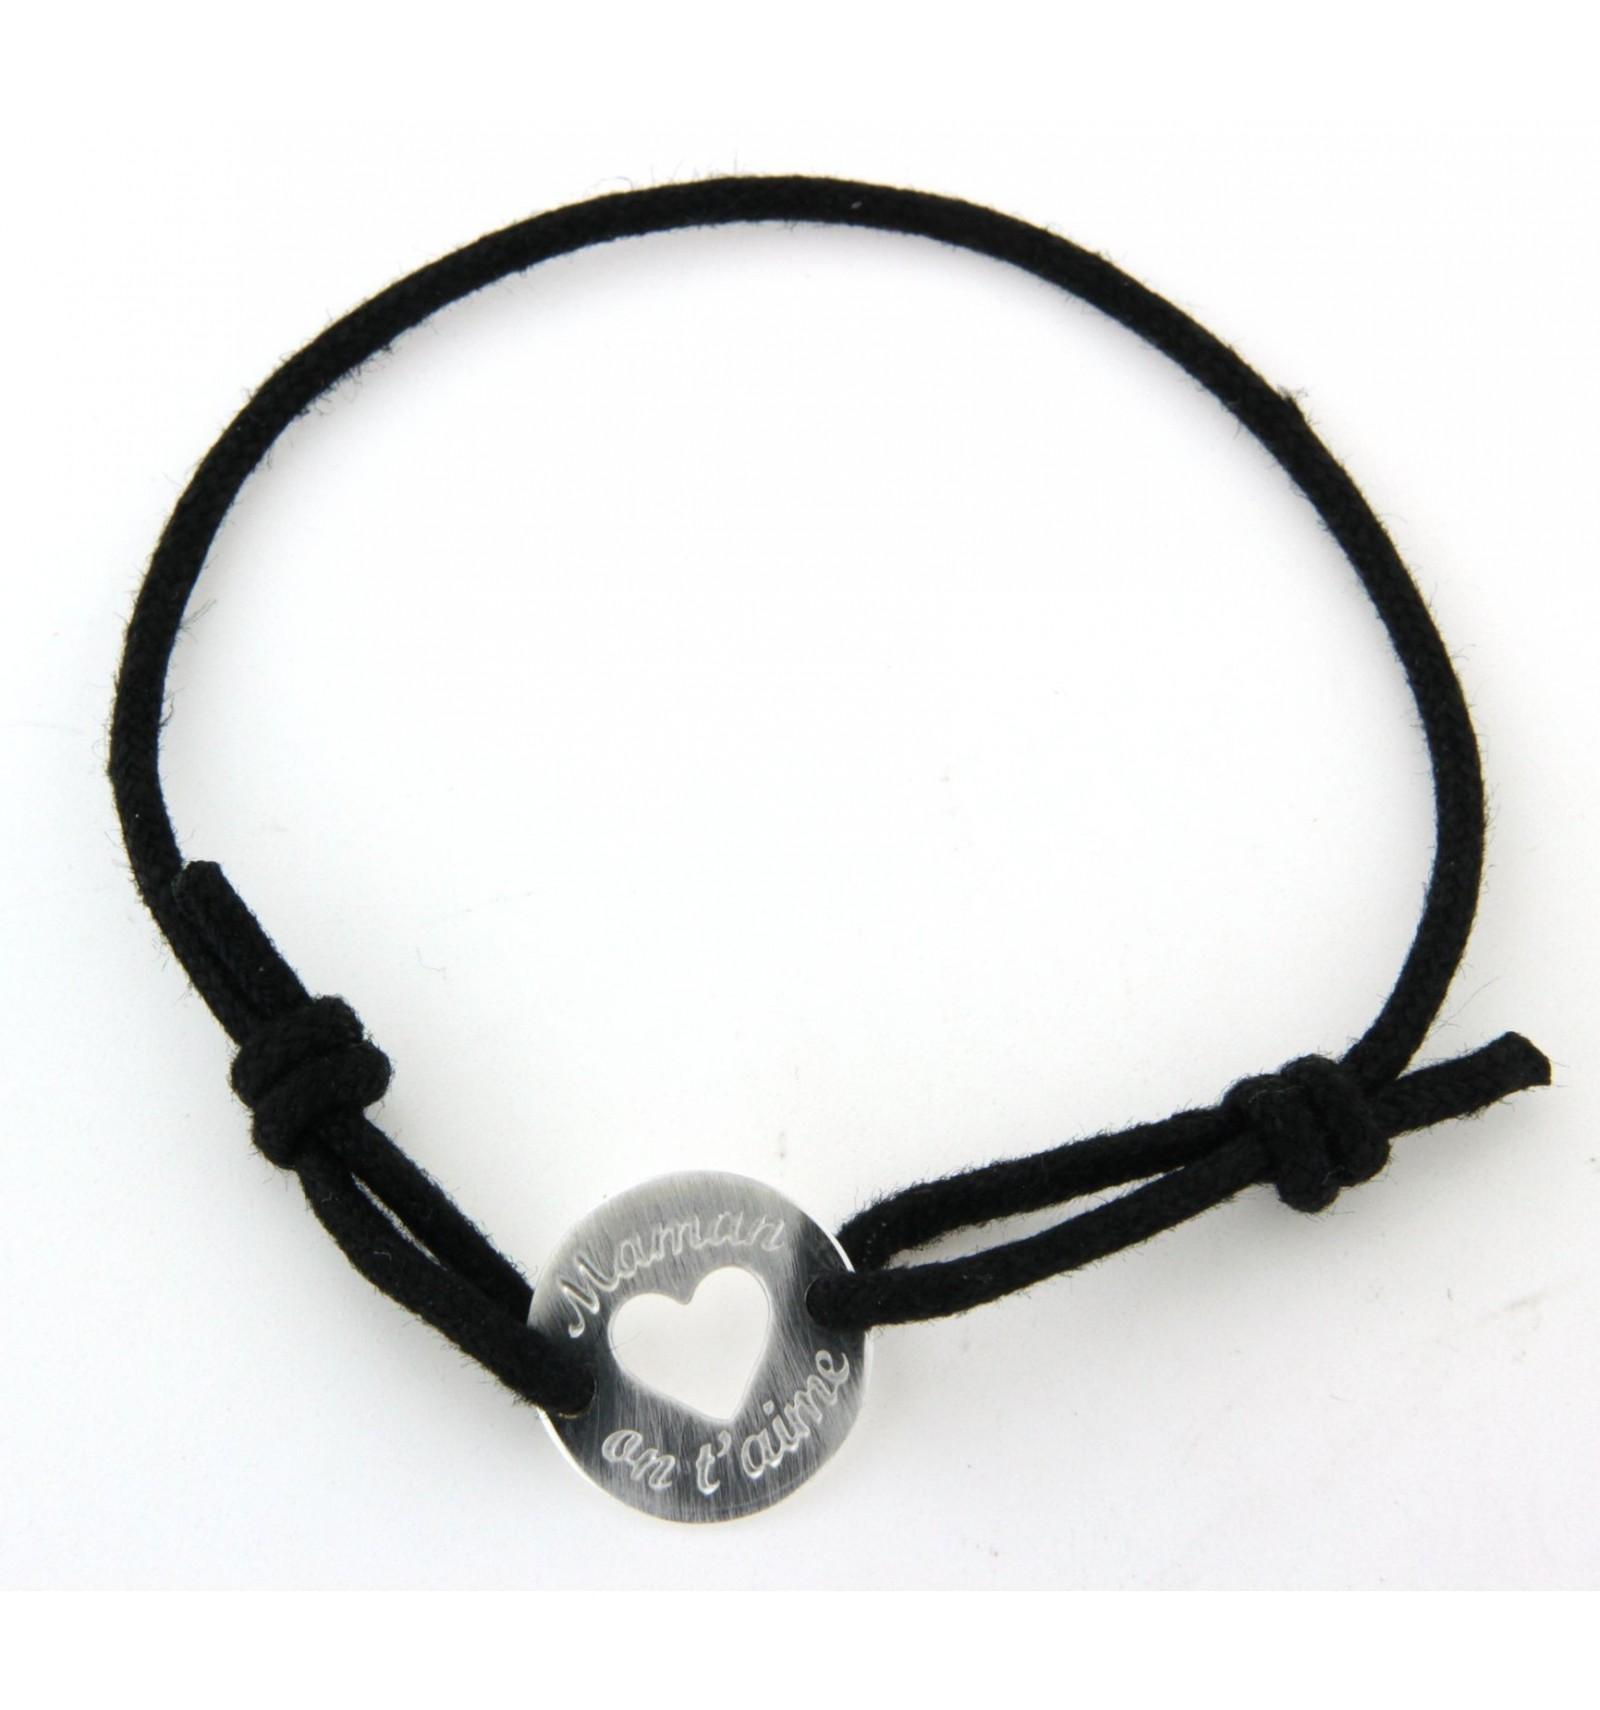 bracelet argent cordon noir maman on t 39 aime bijoux promotion. Black Bedroom Furniture Sets. Home Design Ideas